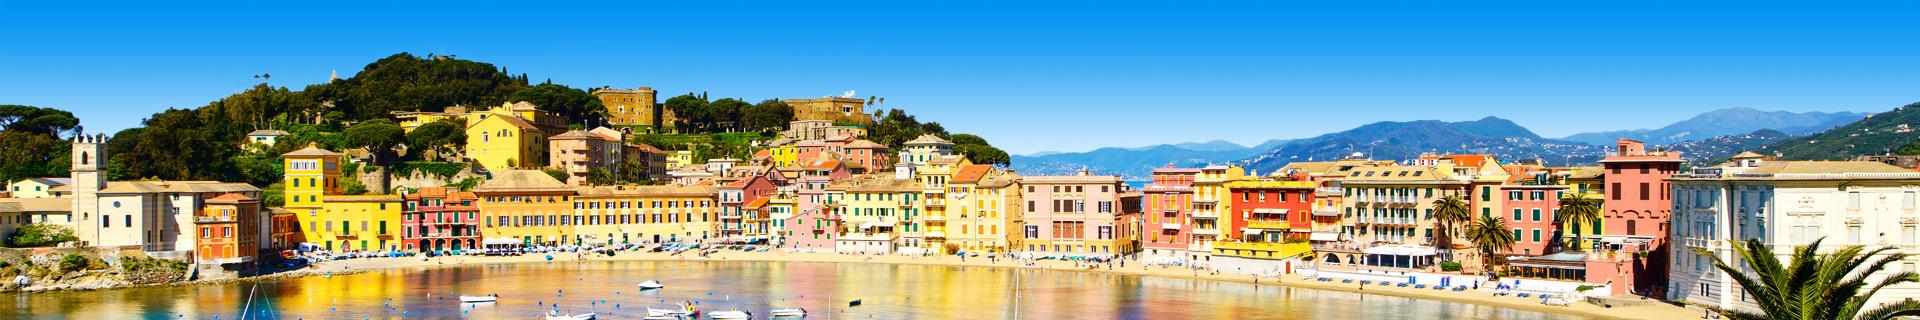 Uitzicht op de zee en een pittoresk stadje in Italië